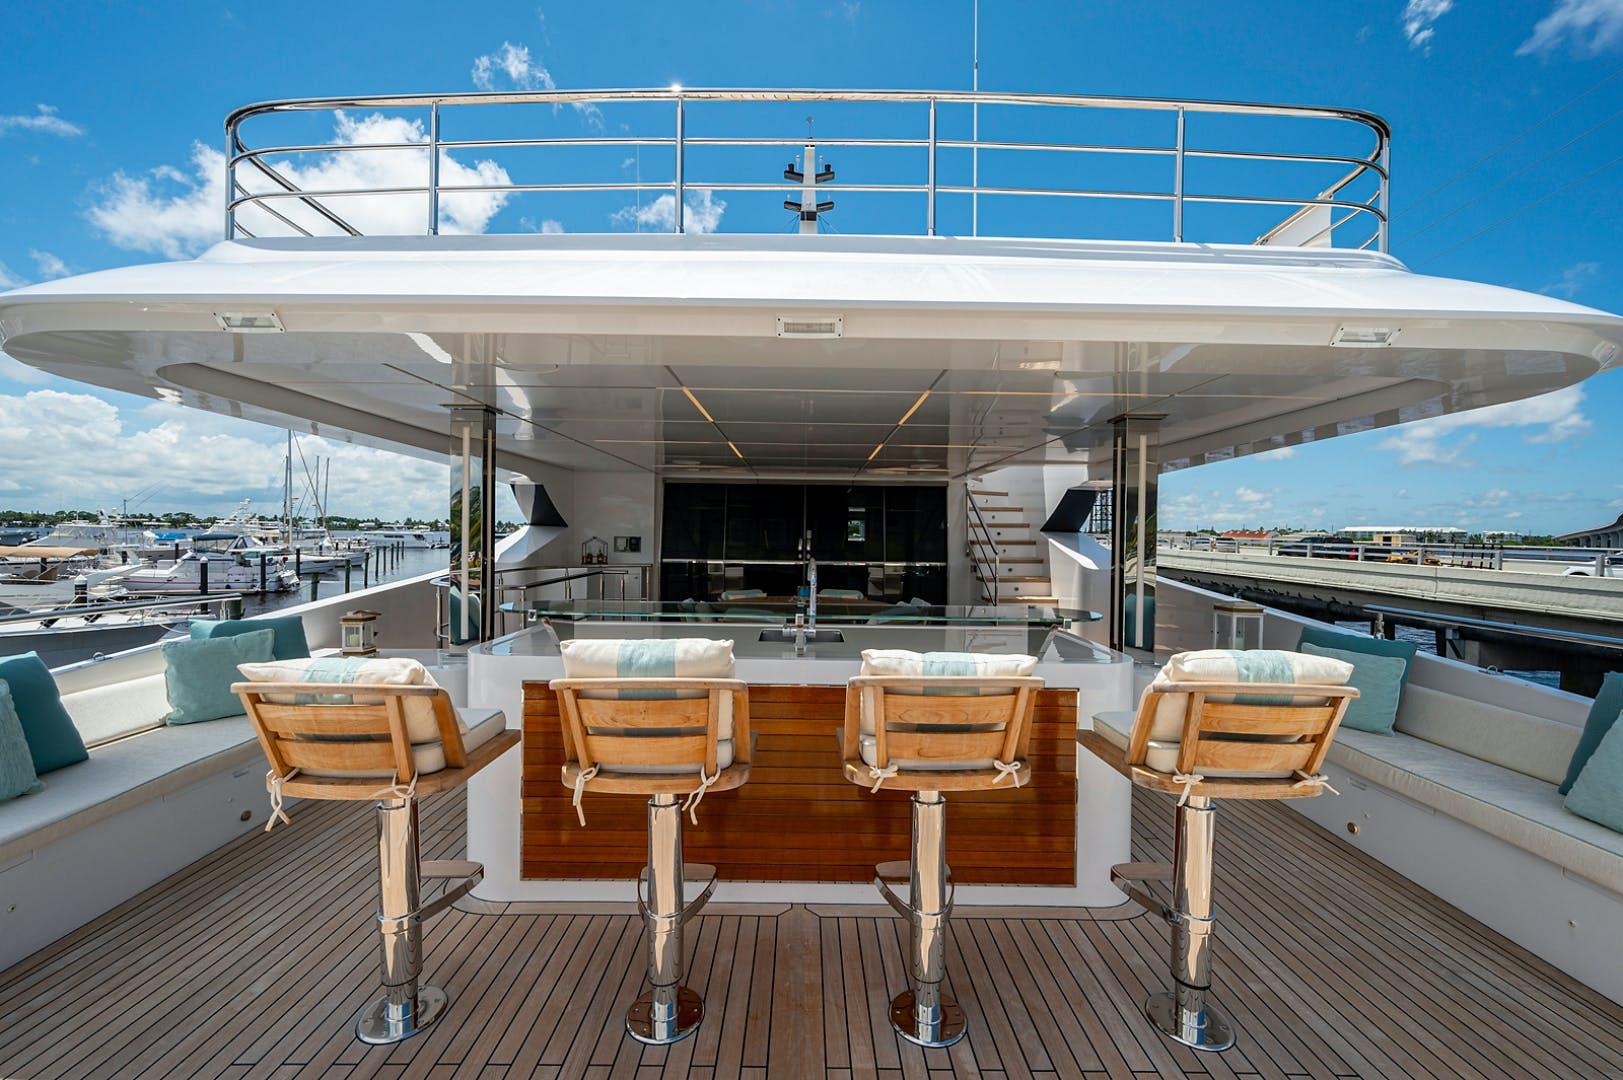 2020 Majesty Yachts 140' Motor Yacht MAJESTY 140 | Picture 8 of 46